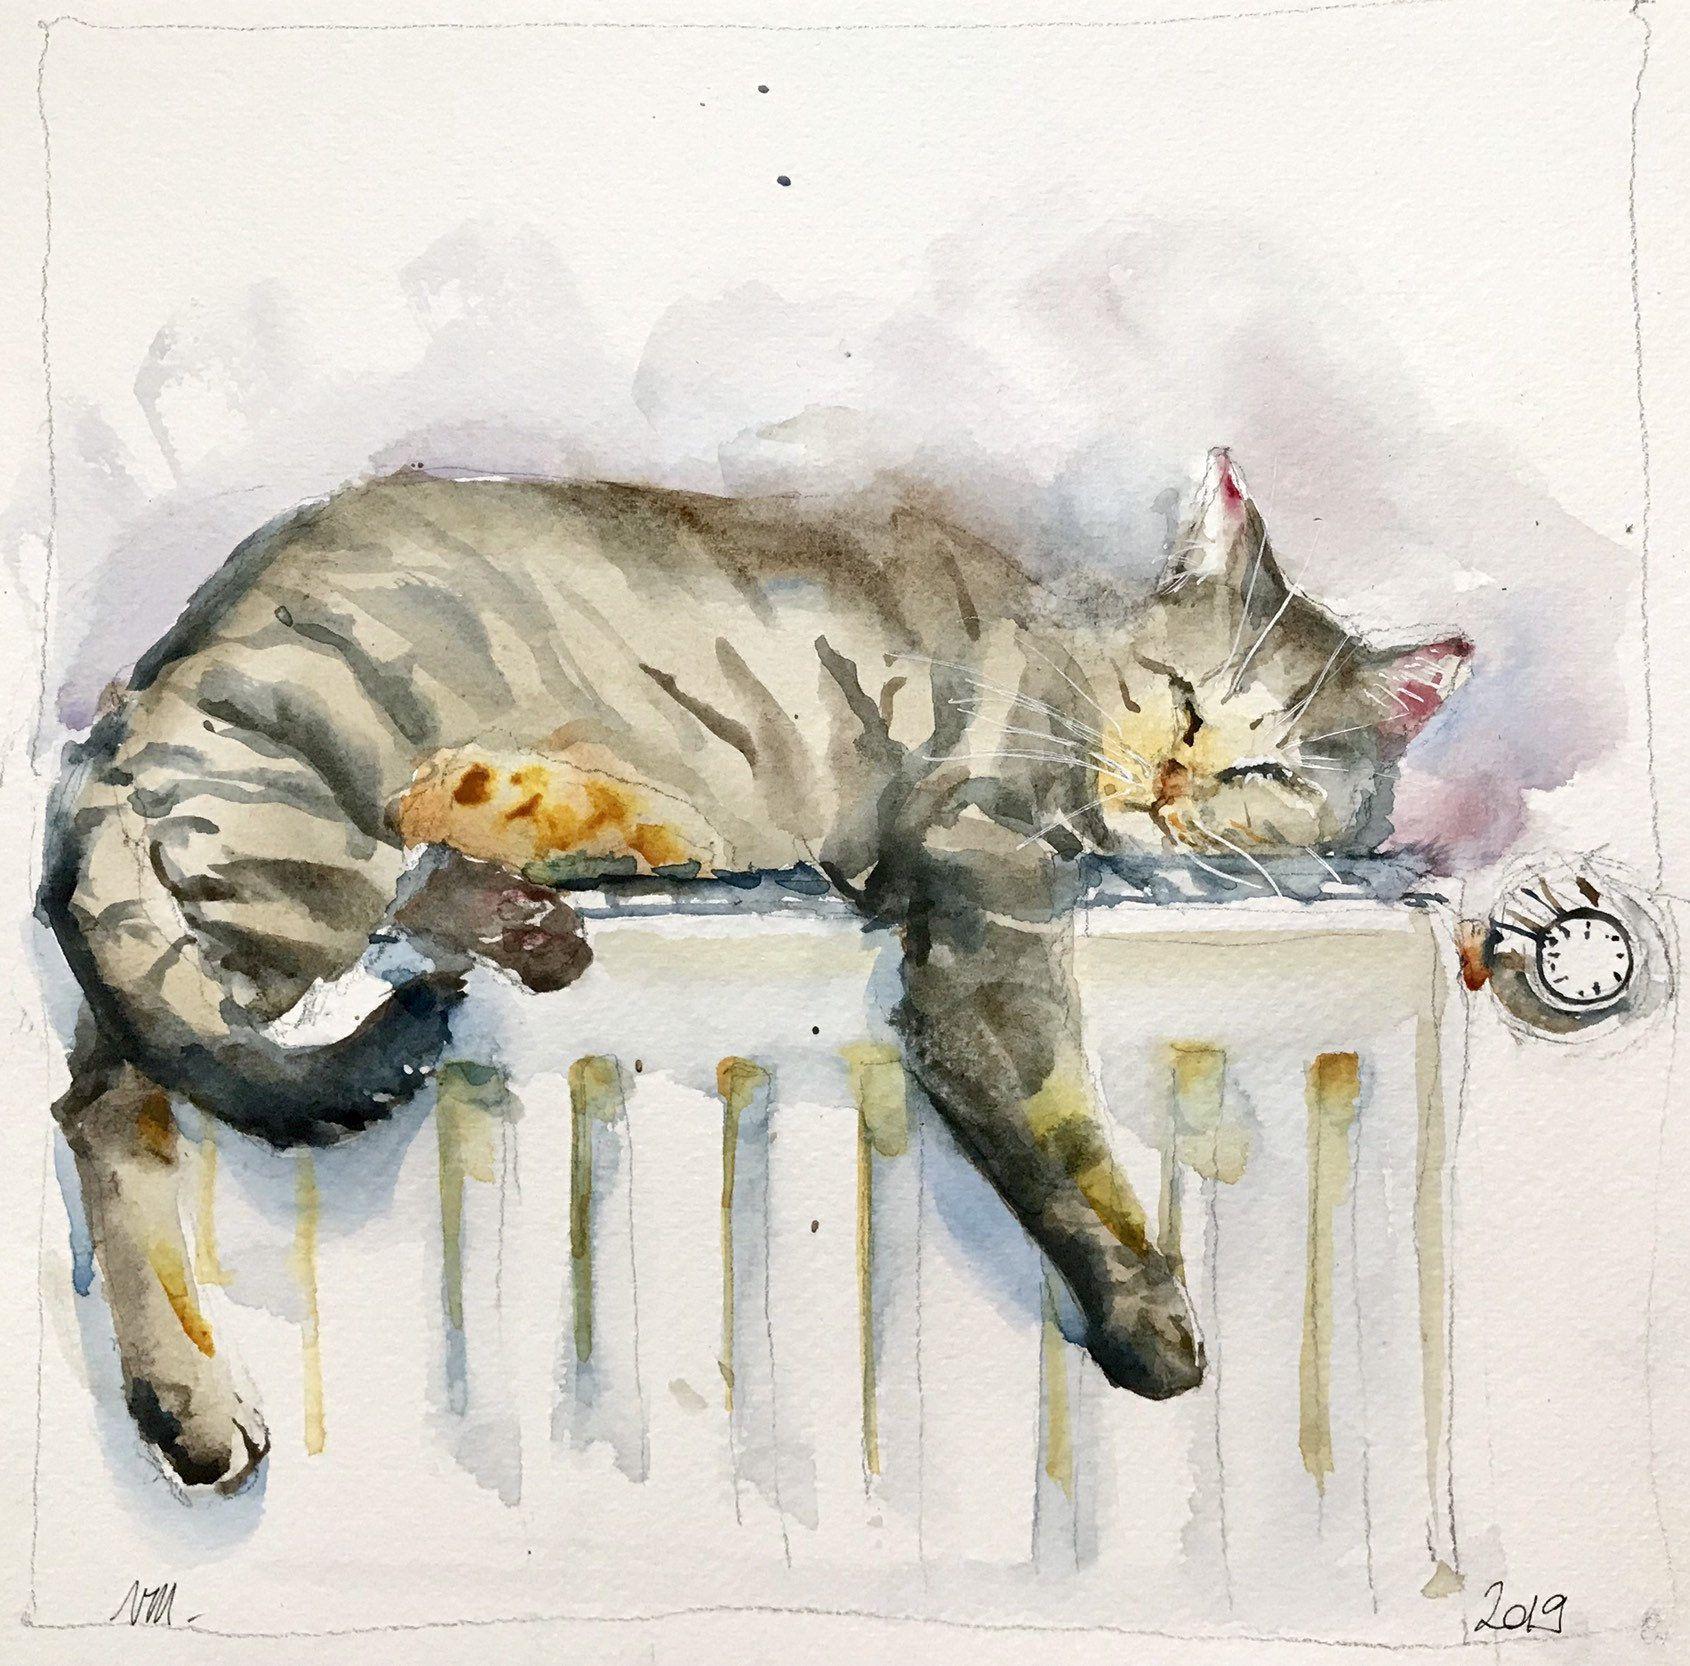 Aquarelle Peinture Originale Chat Couche Endormi Sur Le